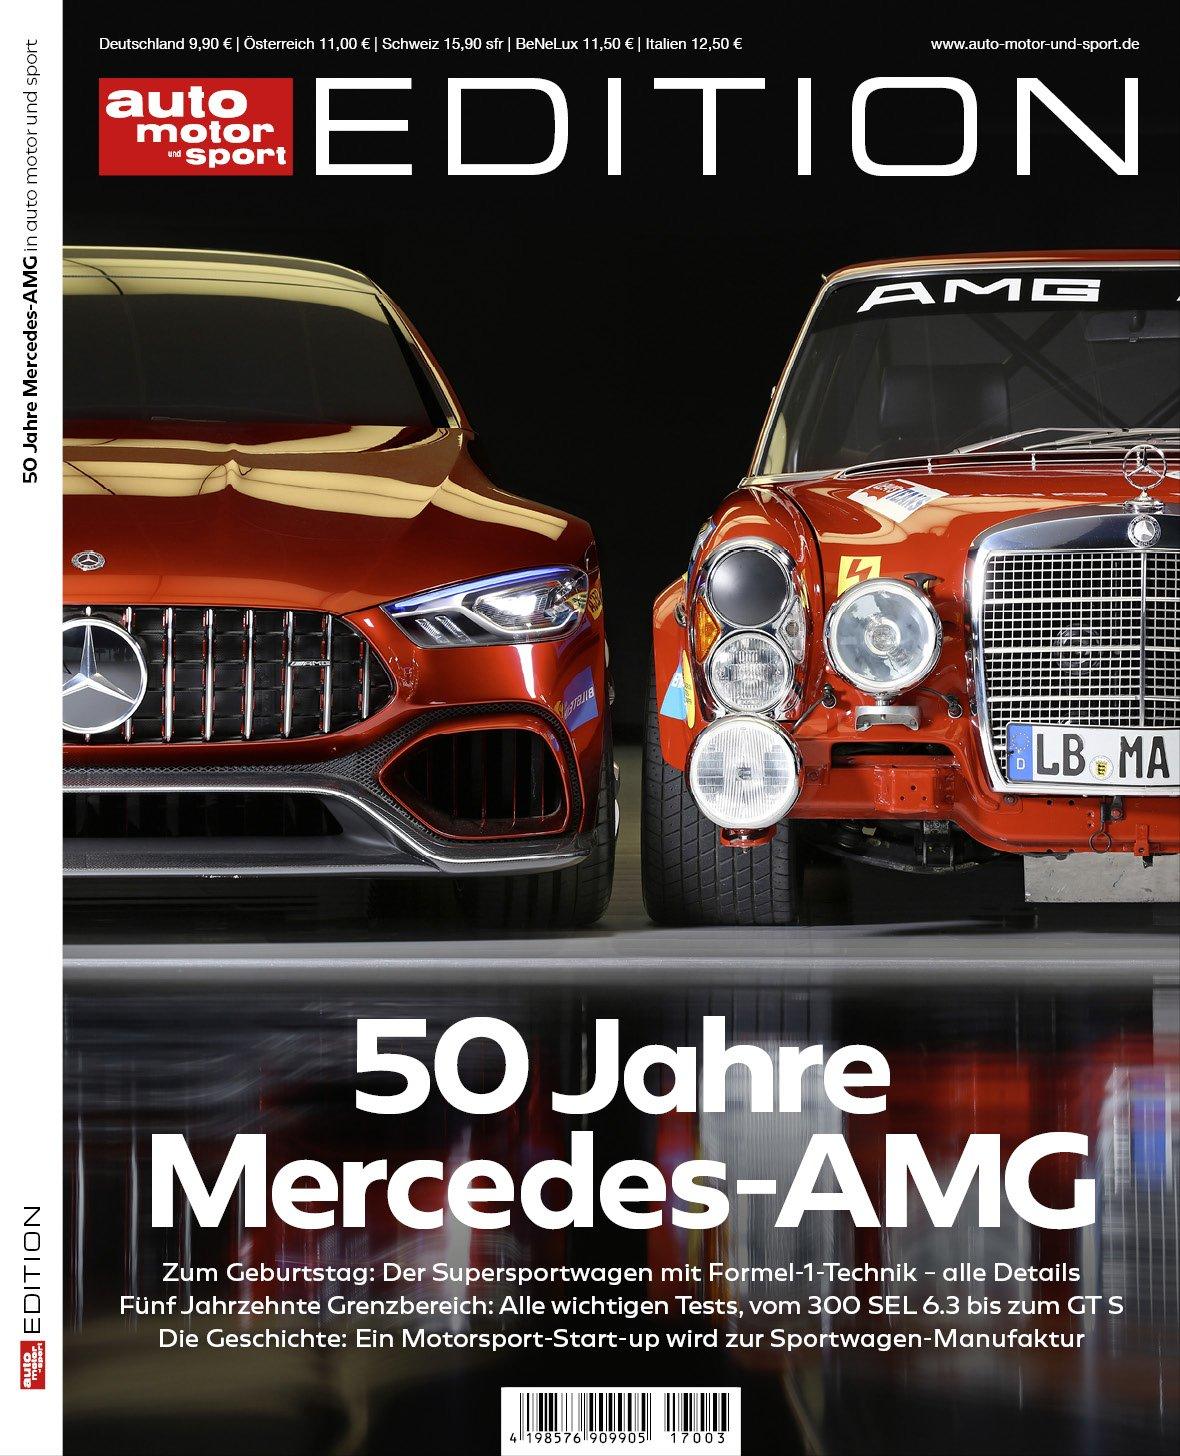 auto motor und sport Edition - 70 Jahre Ferrari: Amazon.de: Bücher